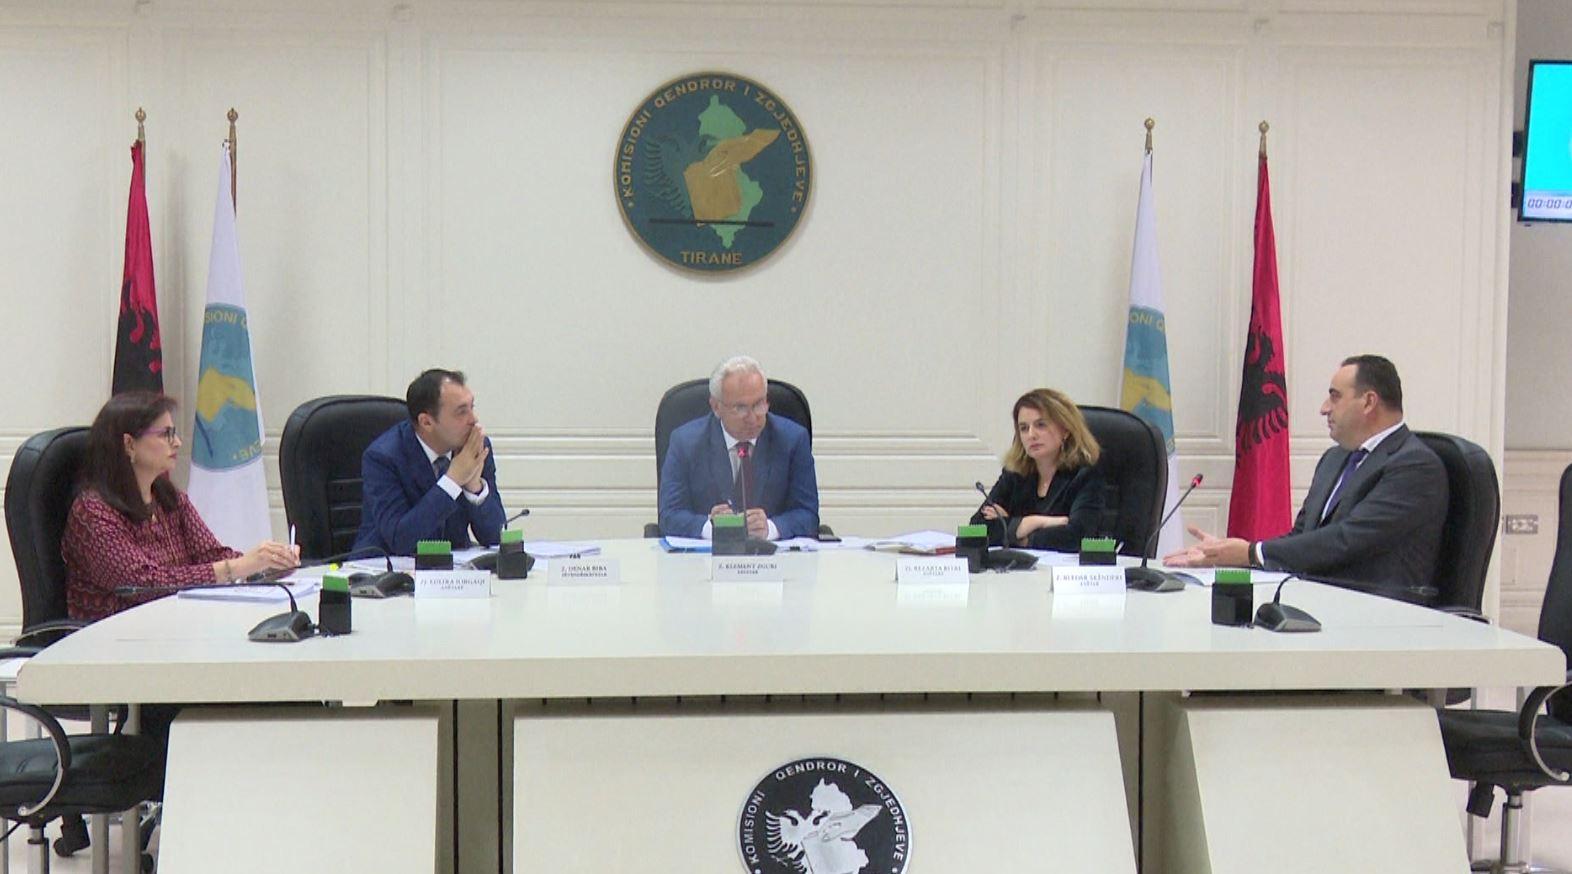 Ramës i bie edhe Kajmaku, KQZ shkarkon kryebashkiakun e Vorës